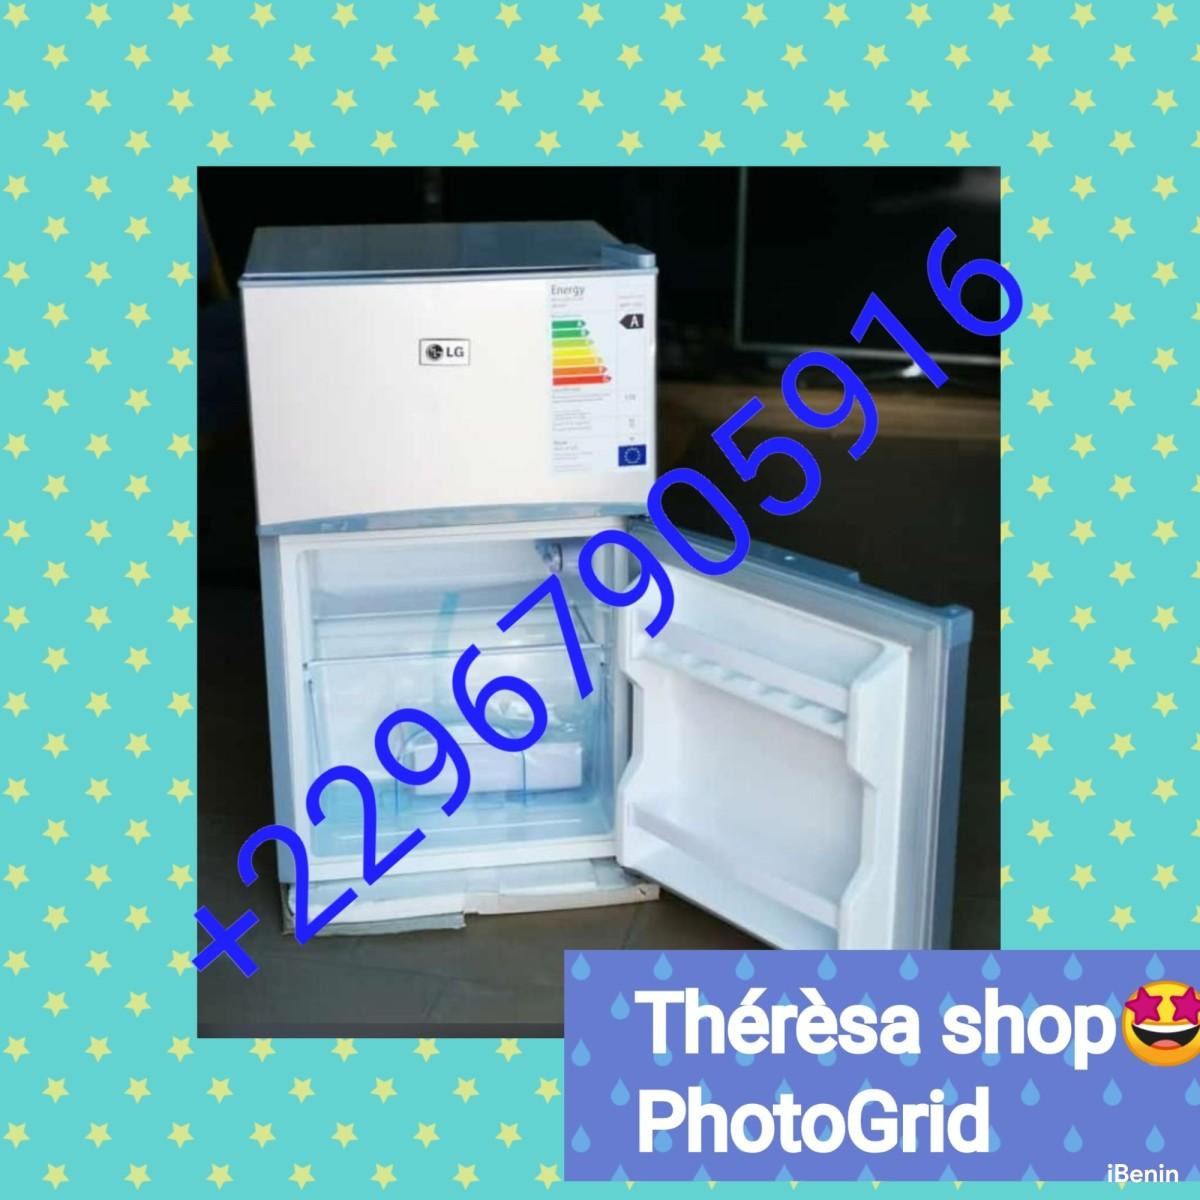 vente-des-ustensiles-de-cuisine-et-des-appareils-electromenagers-big-4